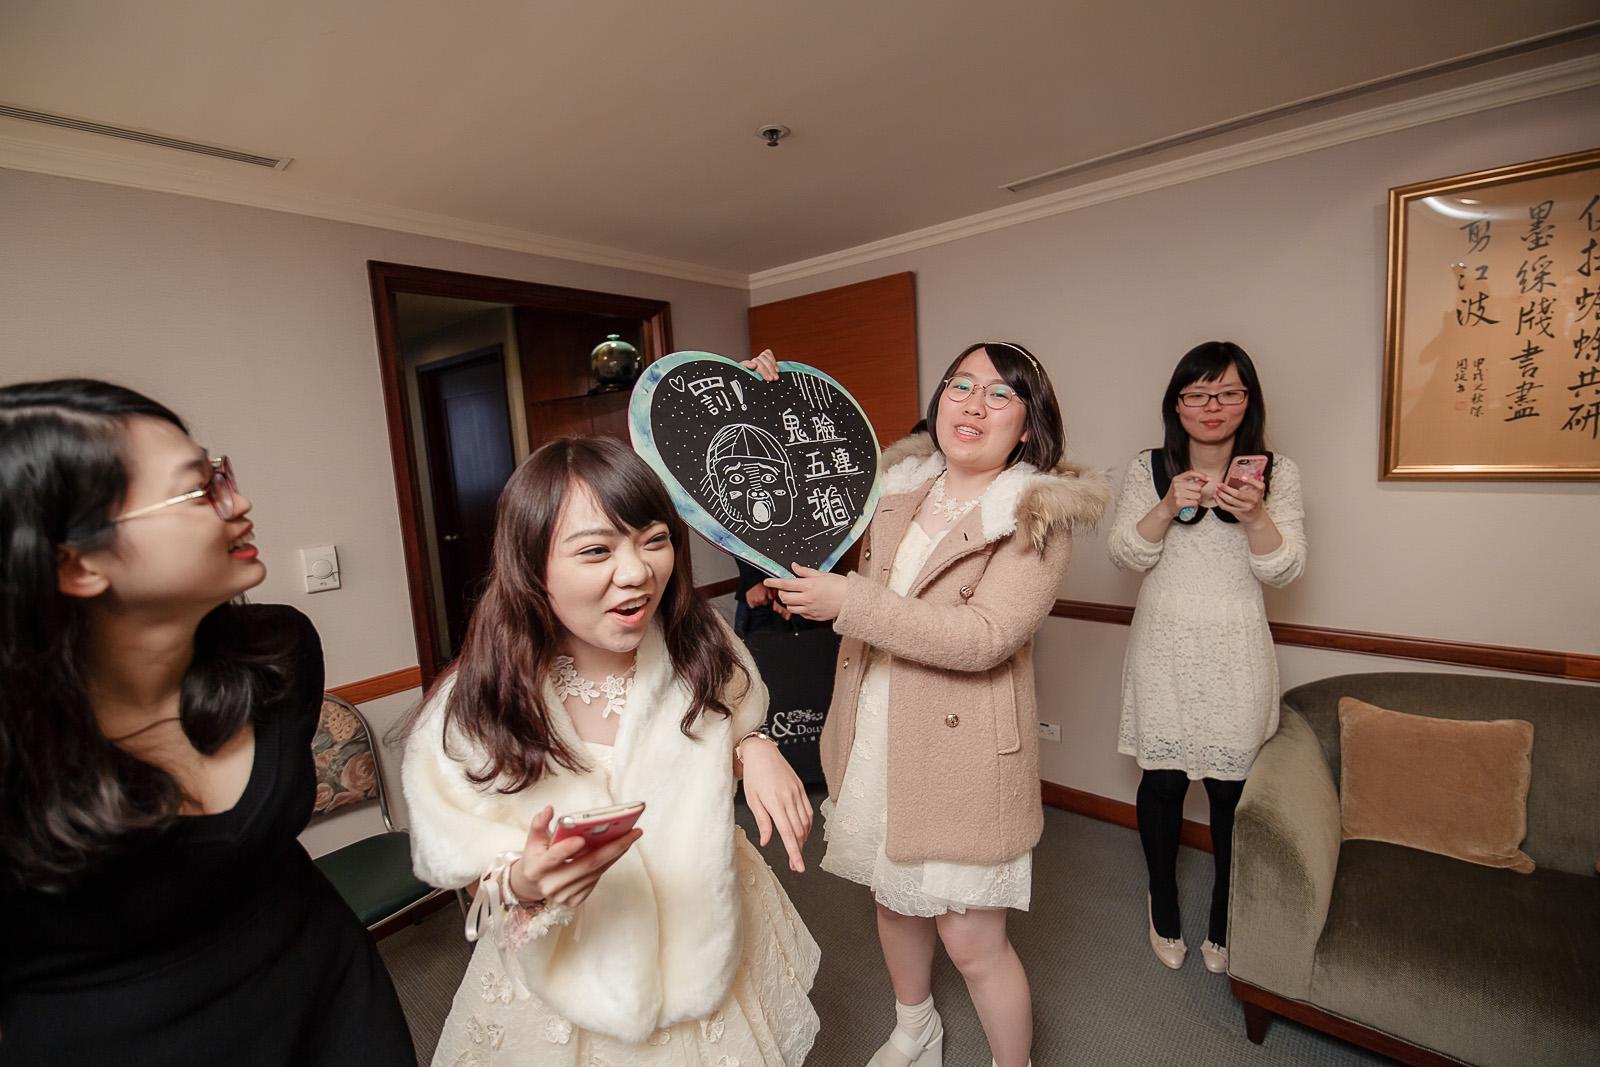 高雄圓山飯店,婚禮攝影,婚攝,高雄婚攝,優質婚攝推薦,Jen&Ethan-120